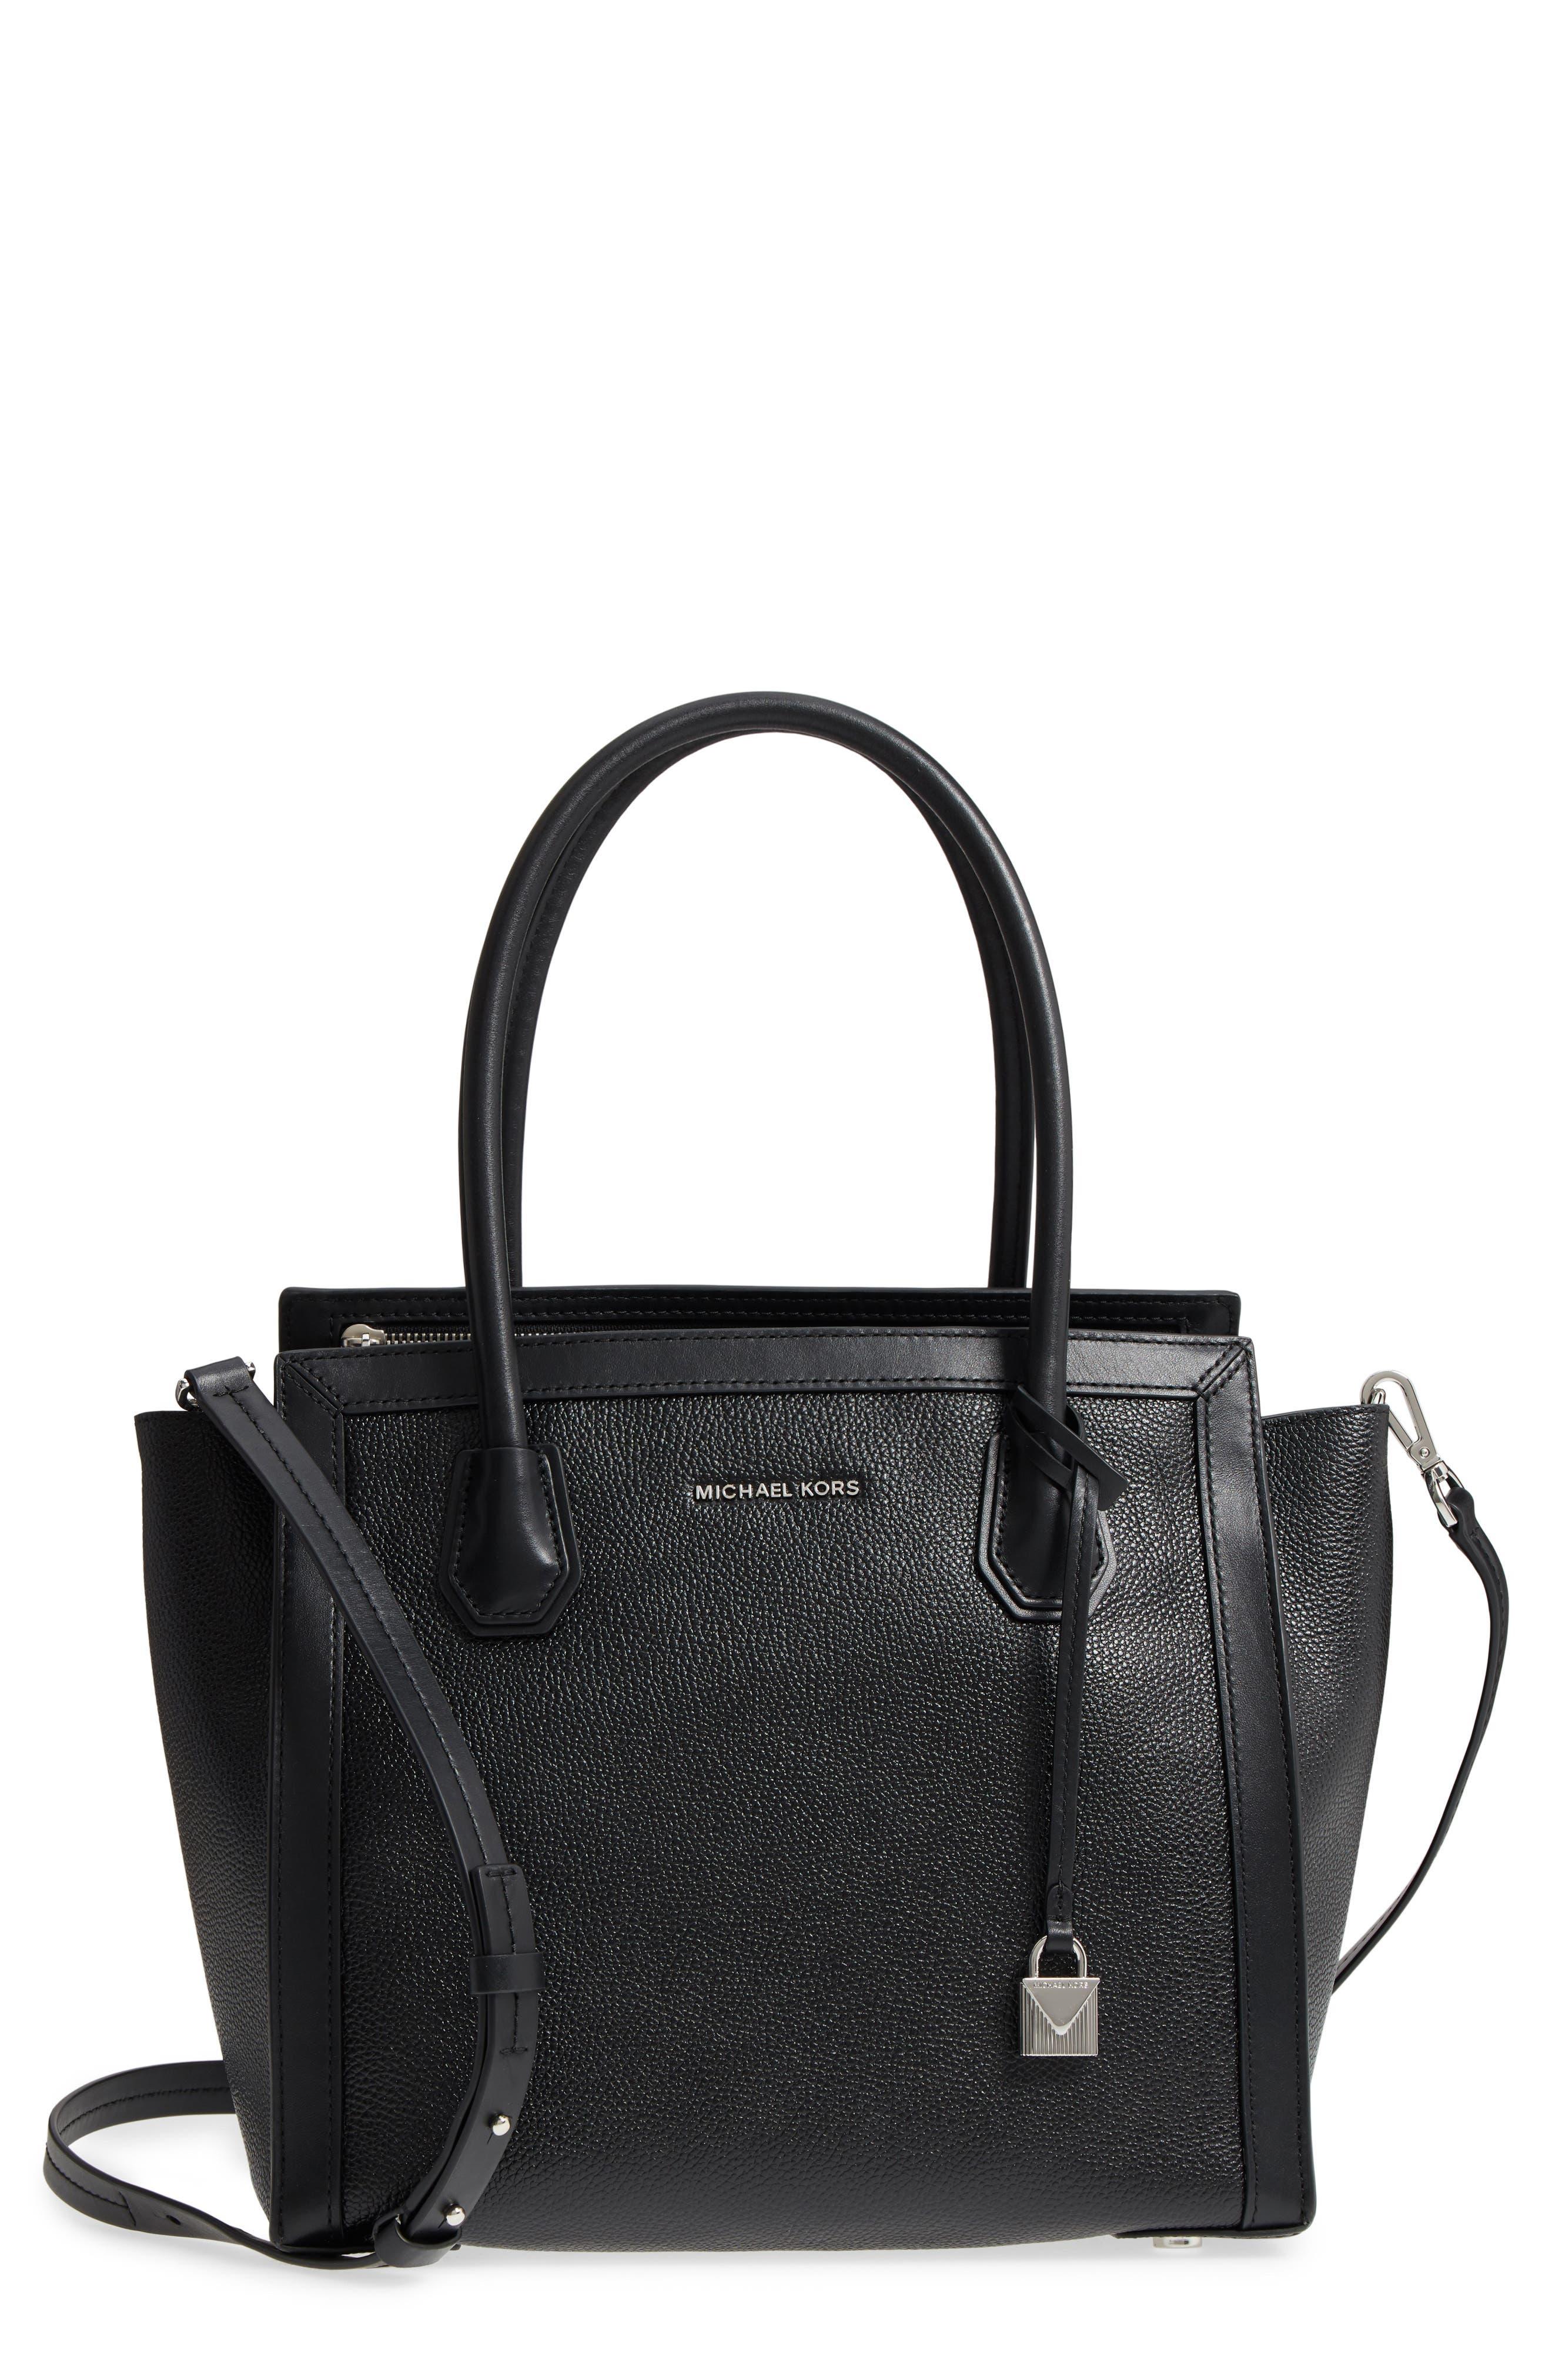 MICHAEL Michael Kors Mercer Studio Leather Tote,                         Main,                         color, Black